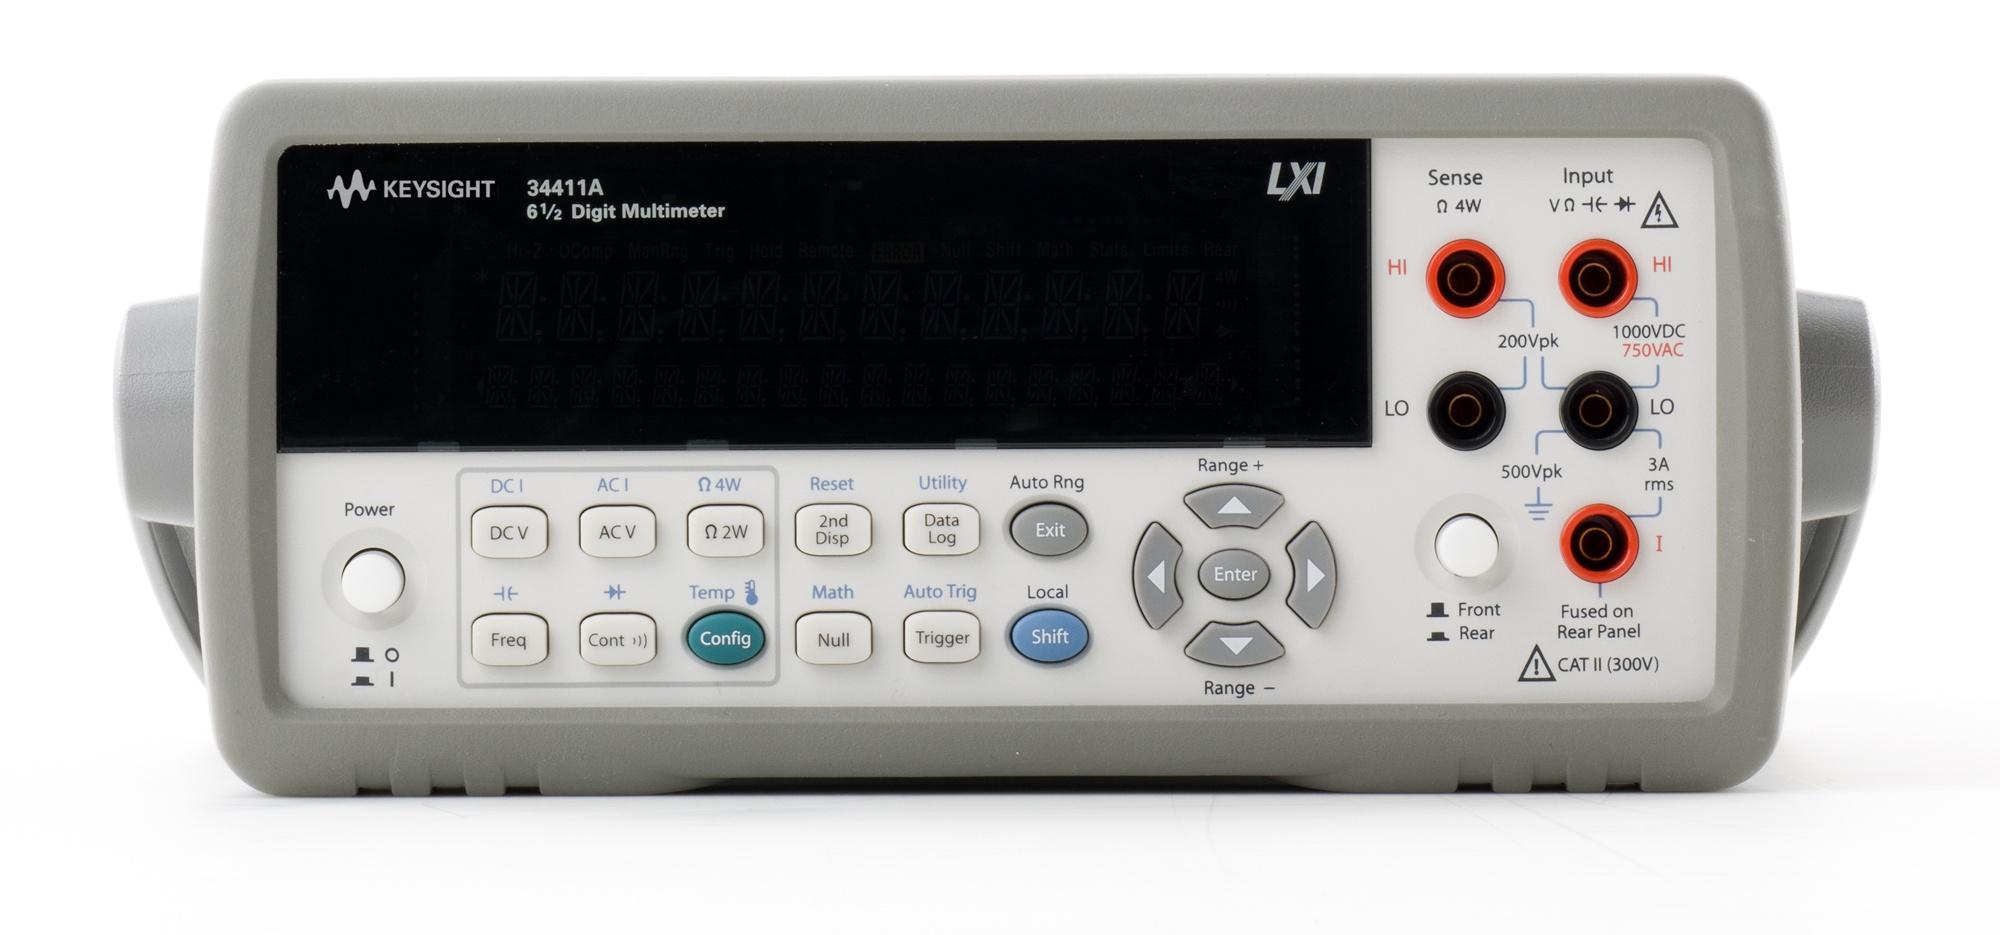 34411A Dijital Multimetre, 6½ Dijit Gelişmiş Performans